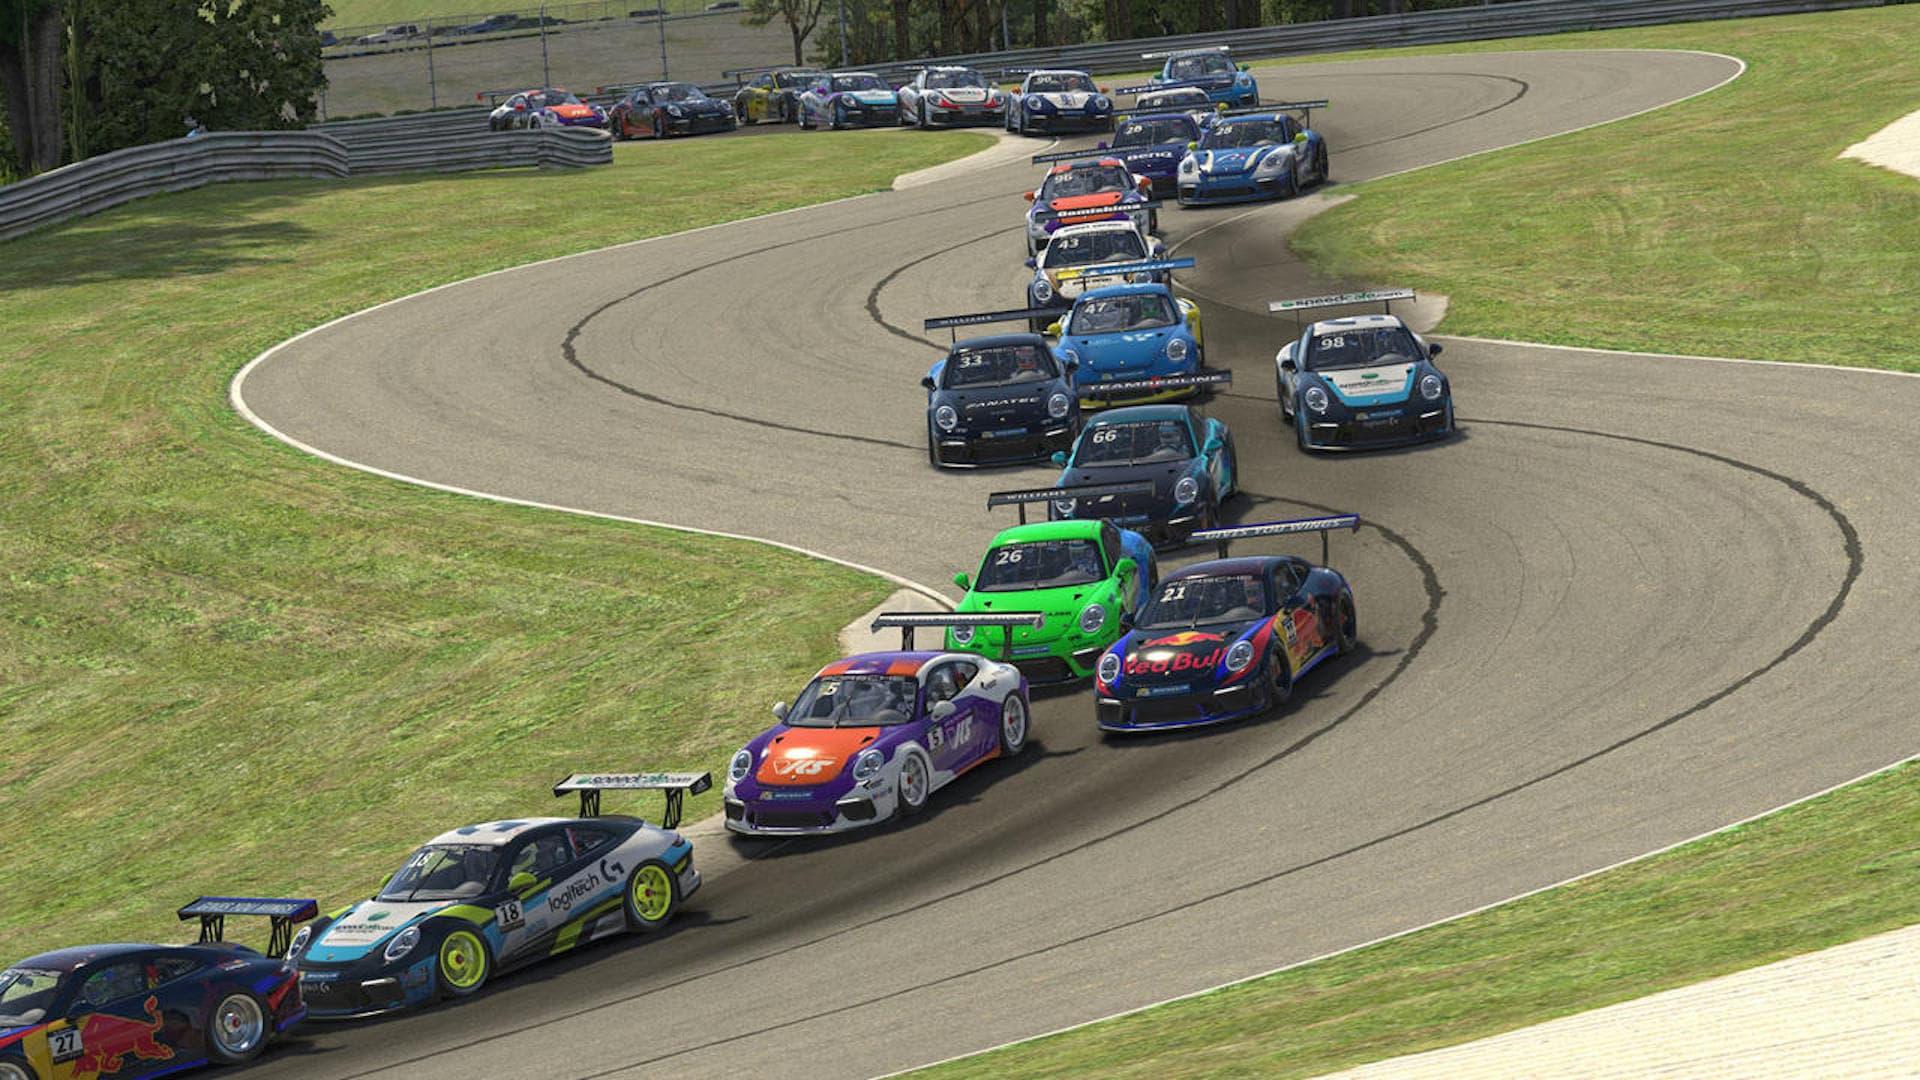 2020 Porsche Esports Supercup